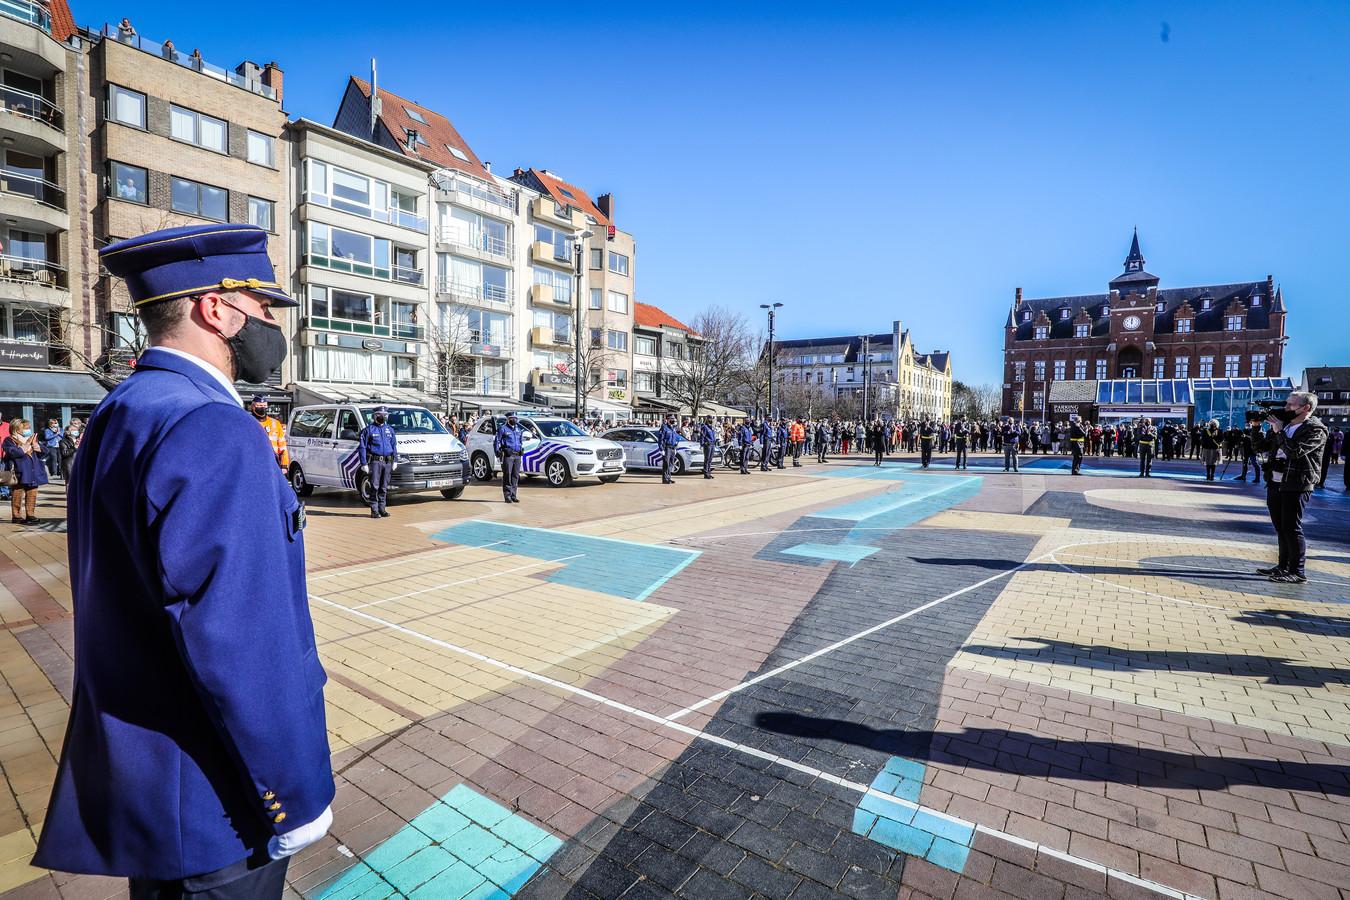 Om 12 uur werd in Knokke 1 minuut stilte gehouden voor het overlijden van Burgemeester Leopold Lippens.